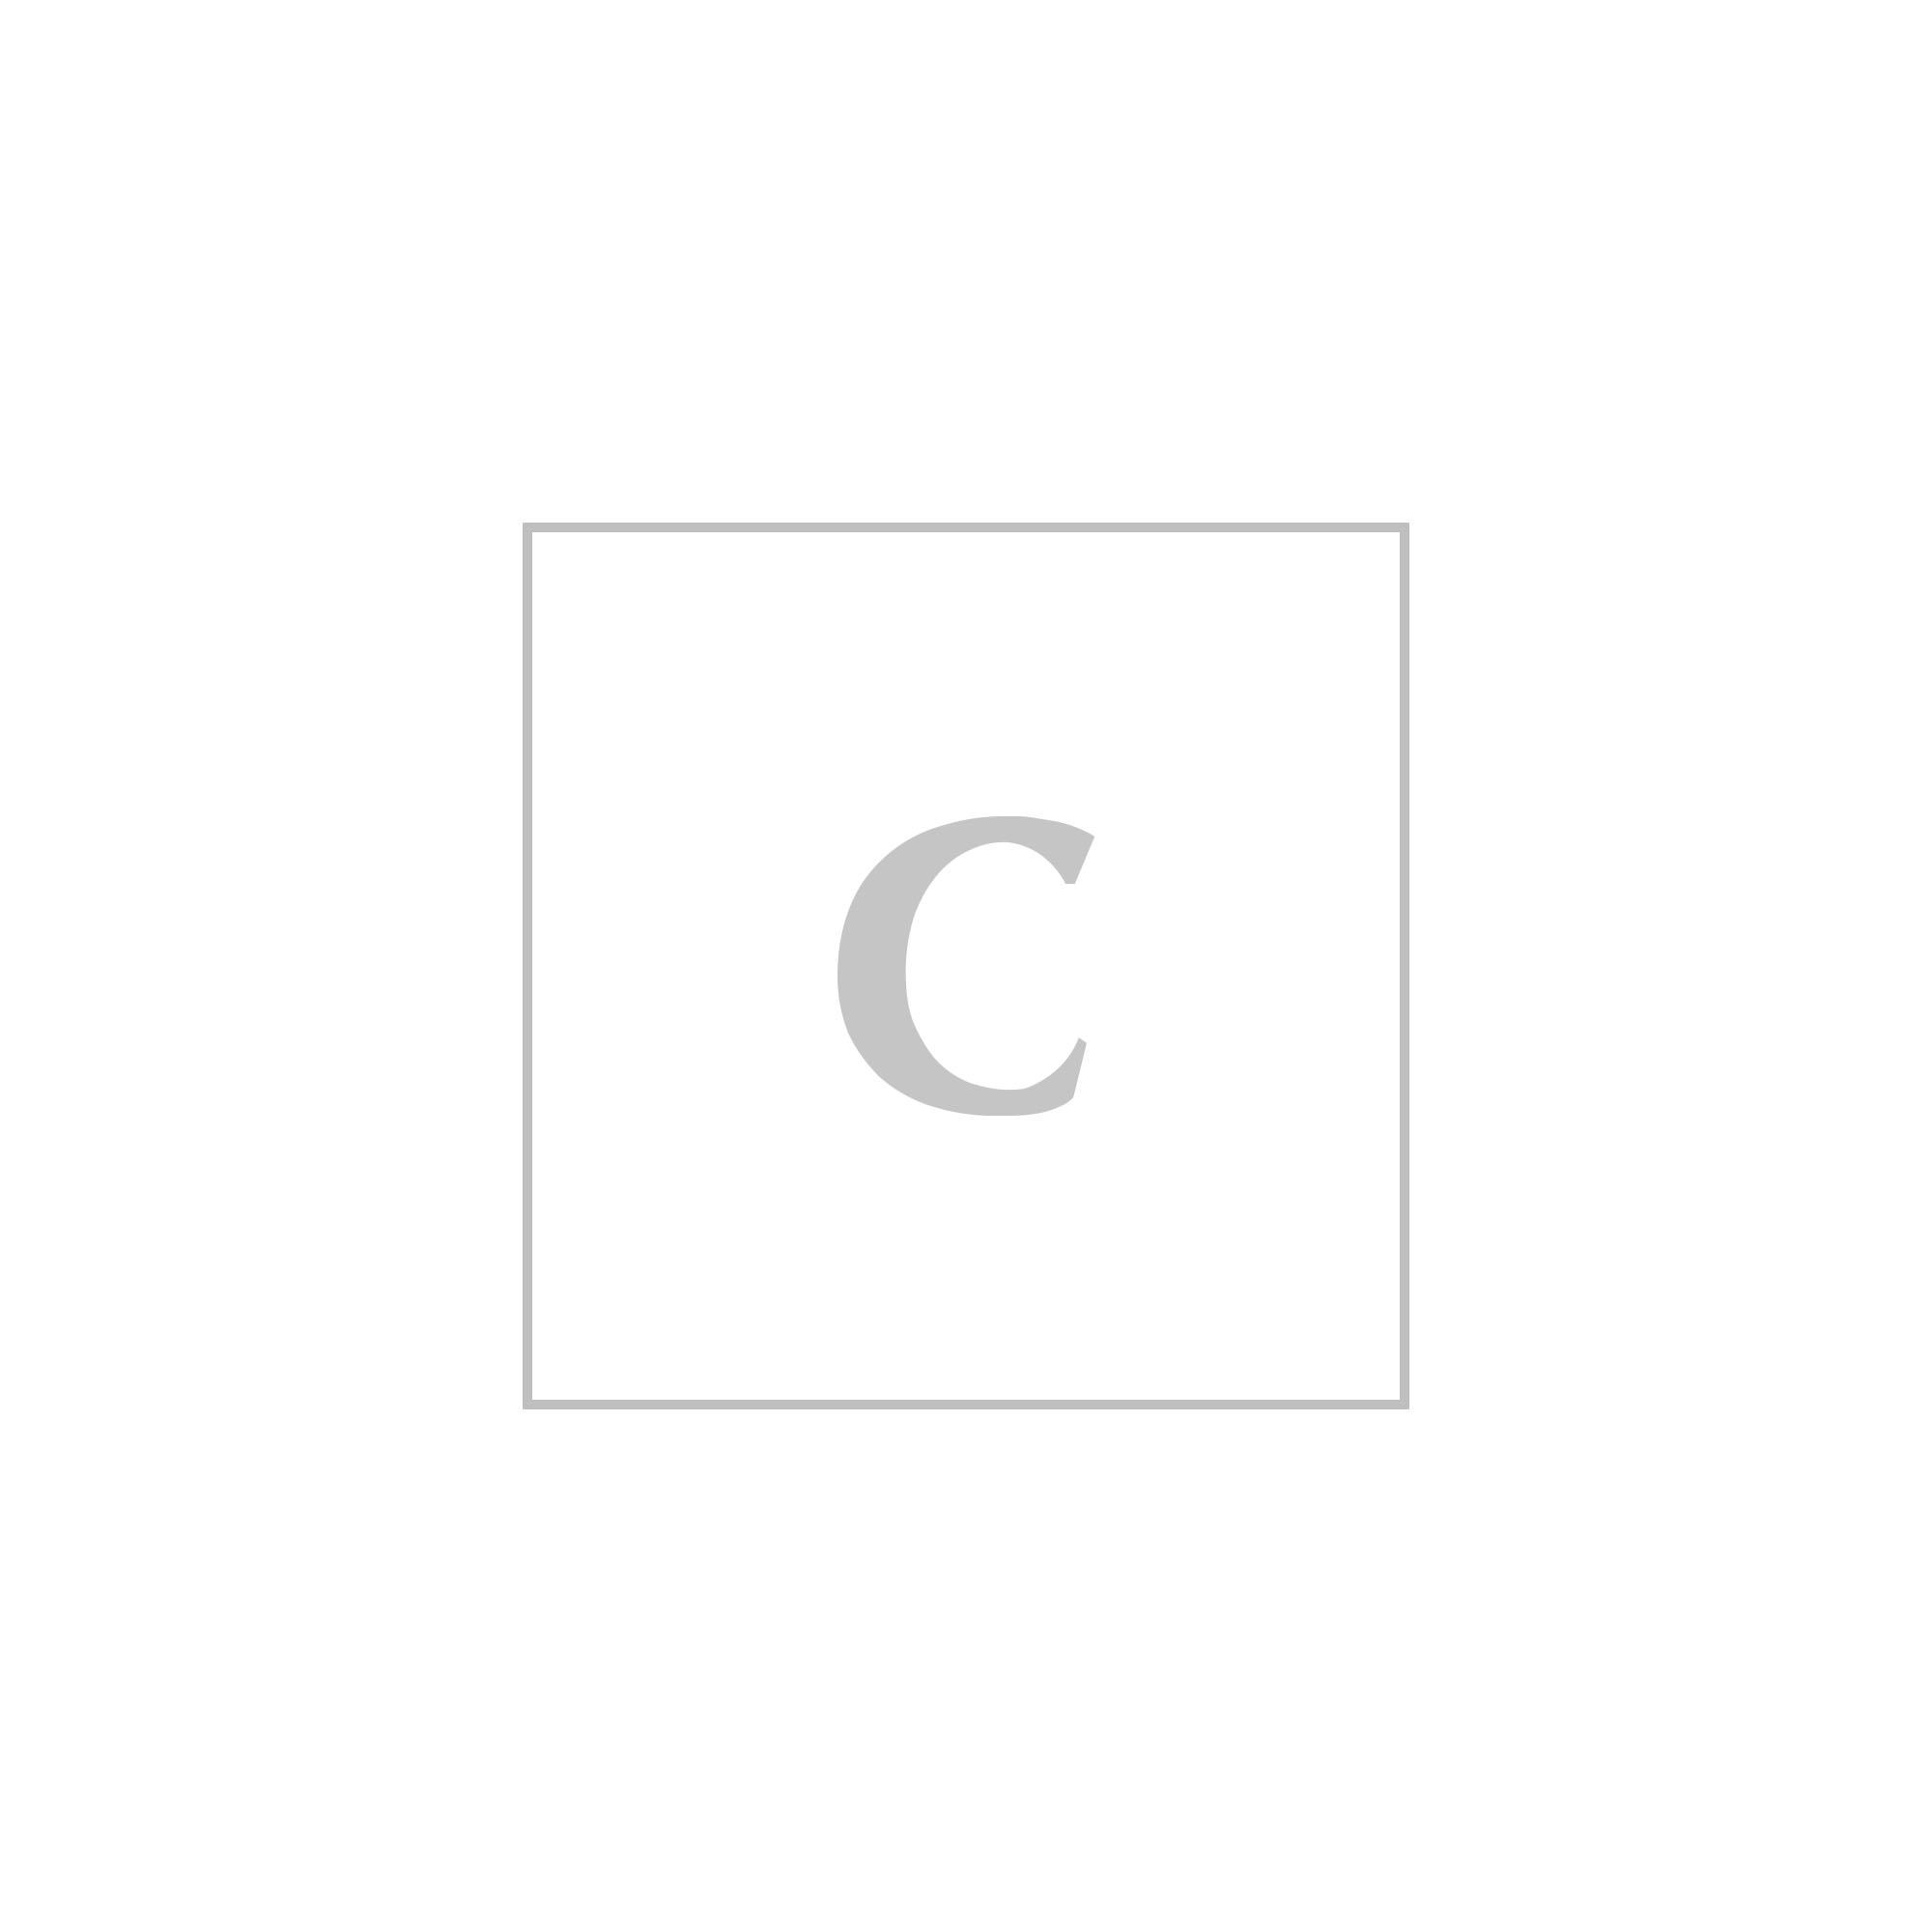 Salvatore ferragamo p.foglio 22b963 001 tissu soft squadrato